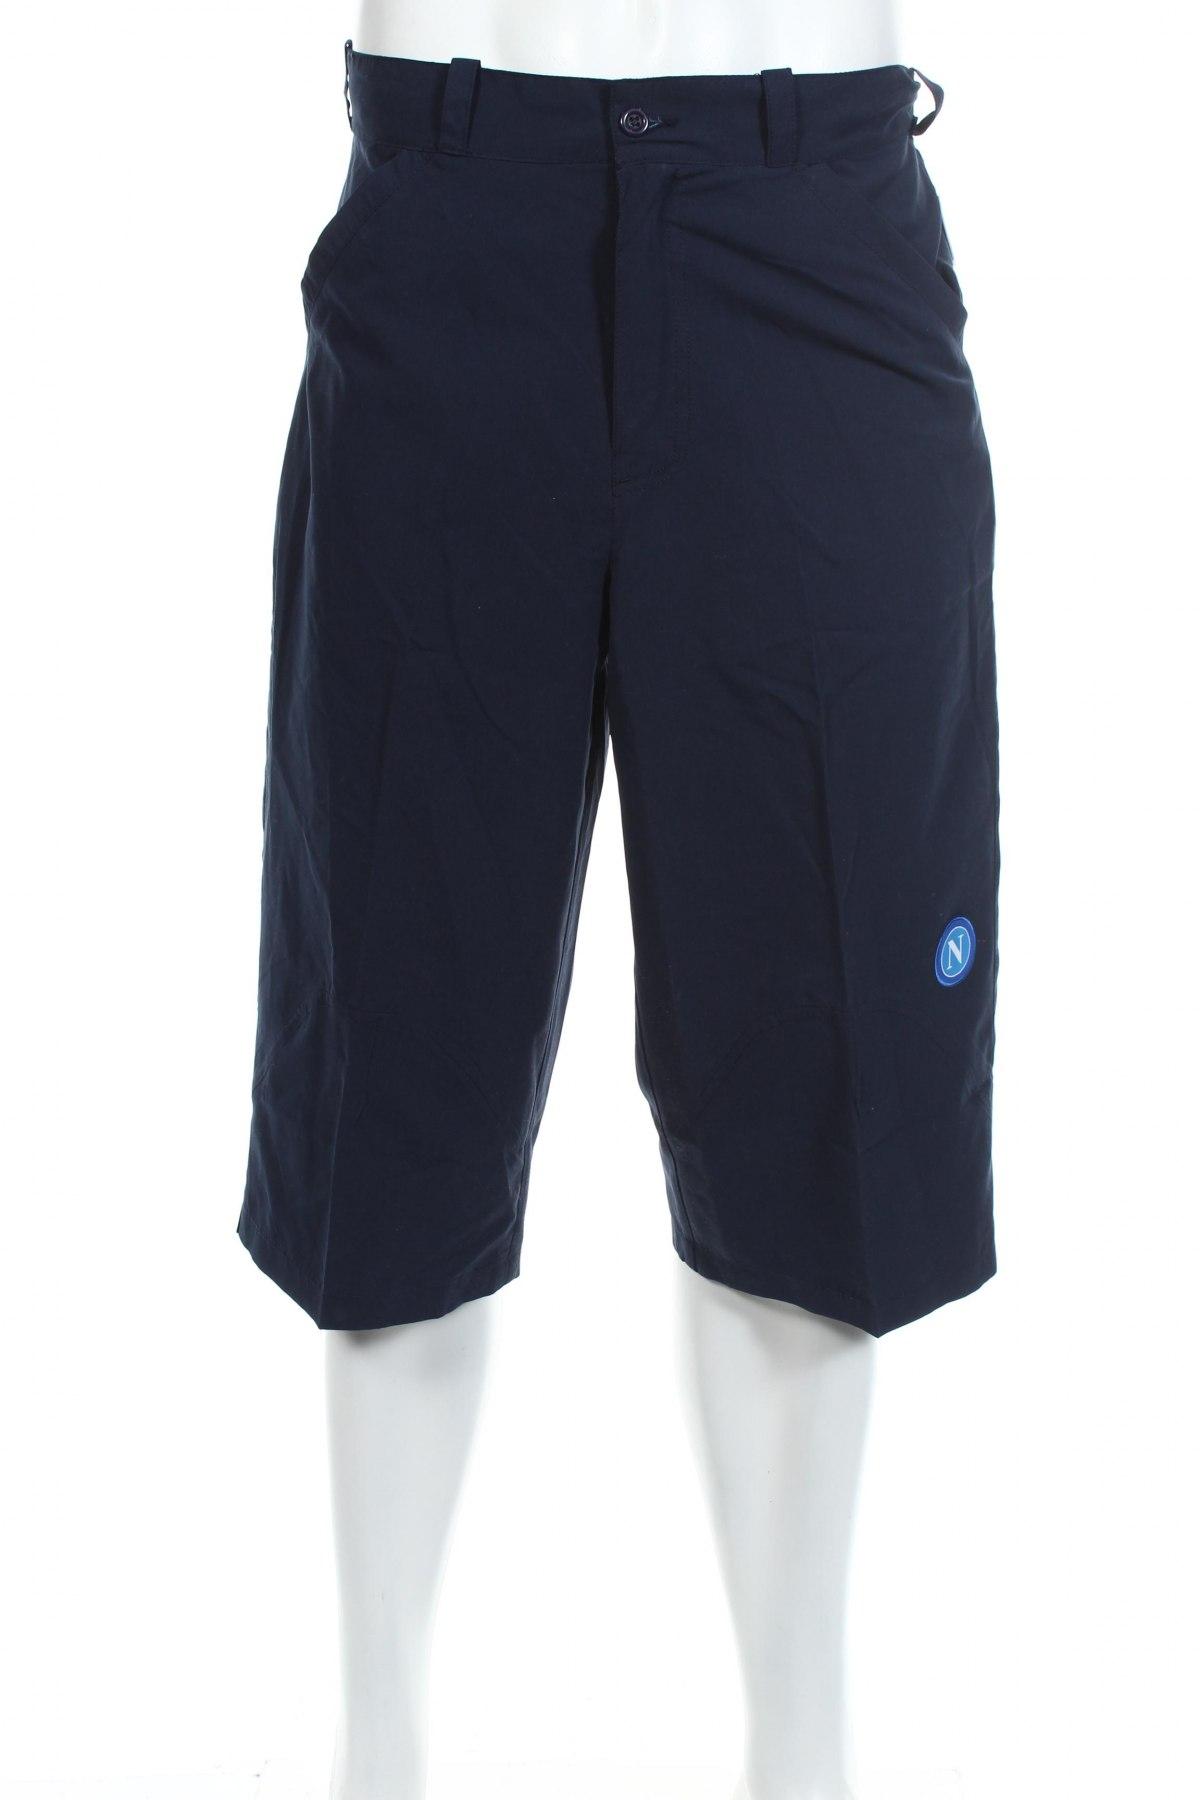 Мъжки спортен панталон Diadora, Размер S, Цвят Син, Полиестер, Цена 14,70лв.